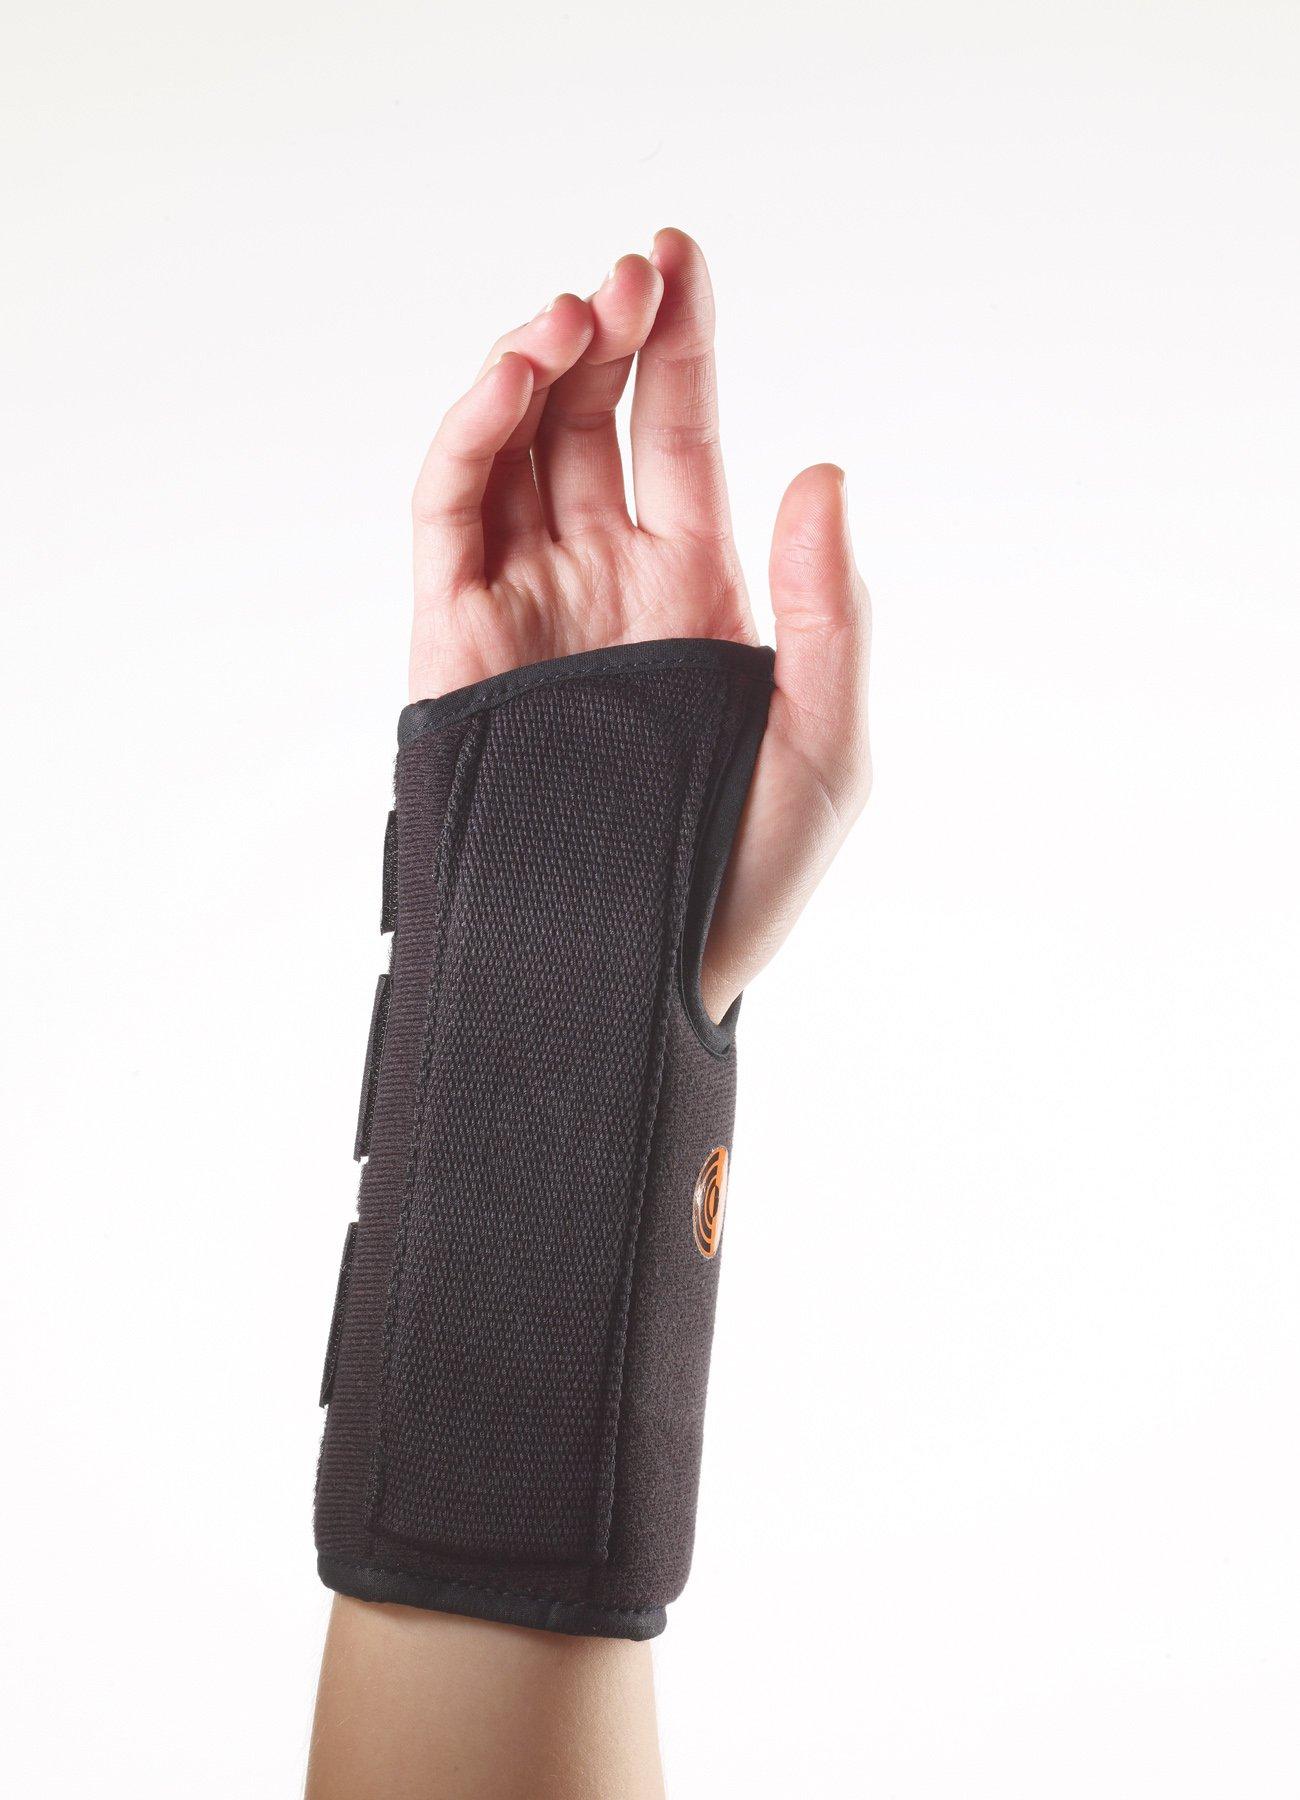 Corflex Ultra Fit Cool Wrist Splint 8'' Medium Left